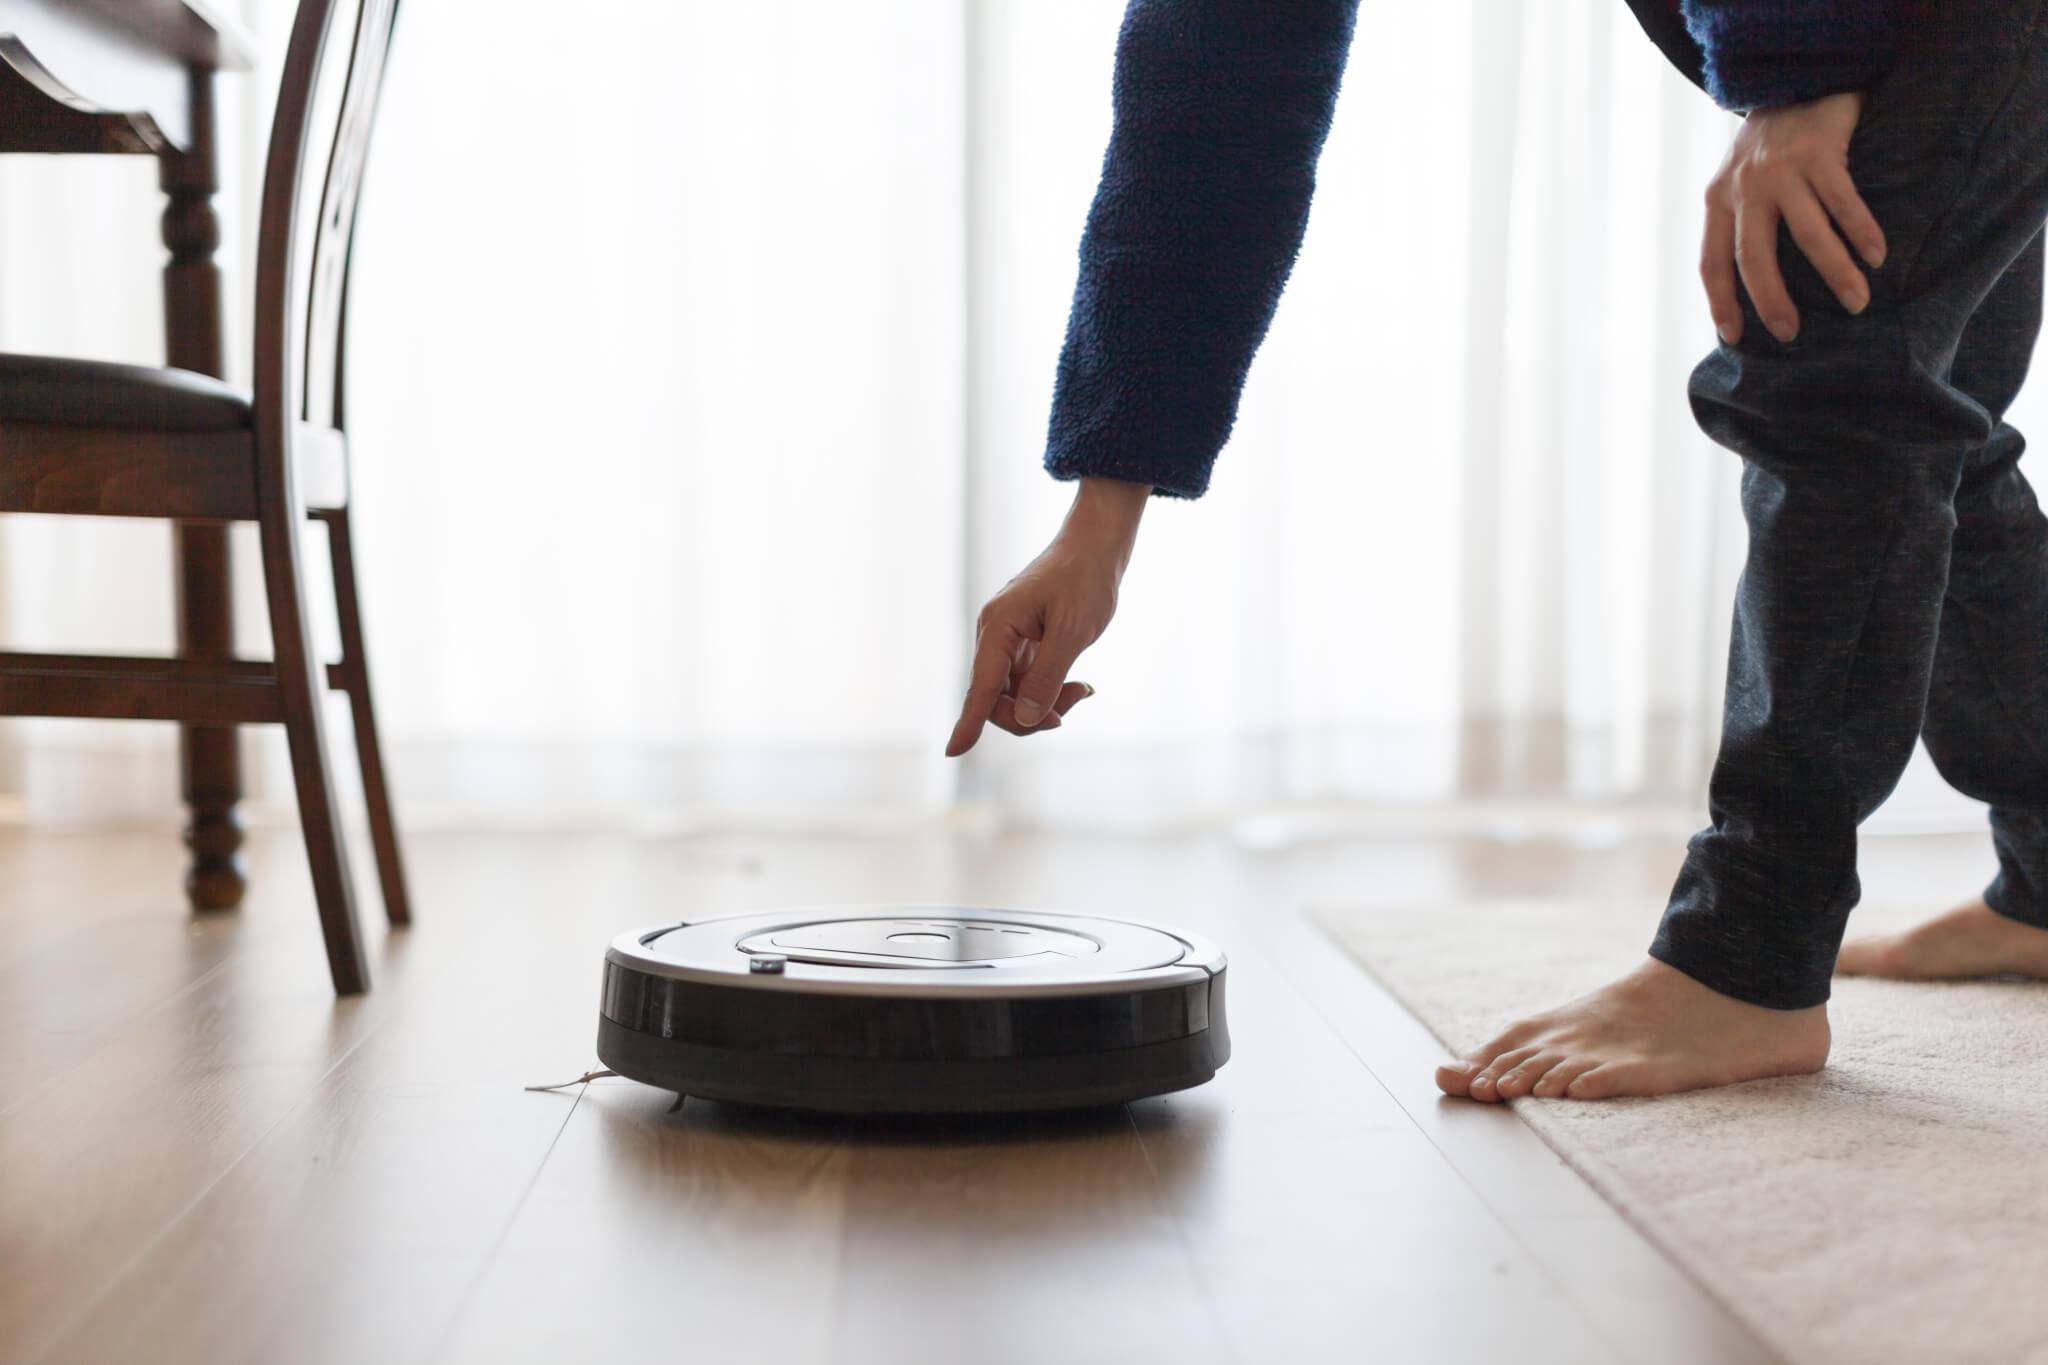 まとめ:小型ロボット掃除機で毎日手軽にお掃除